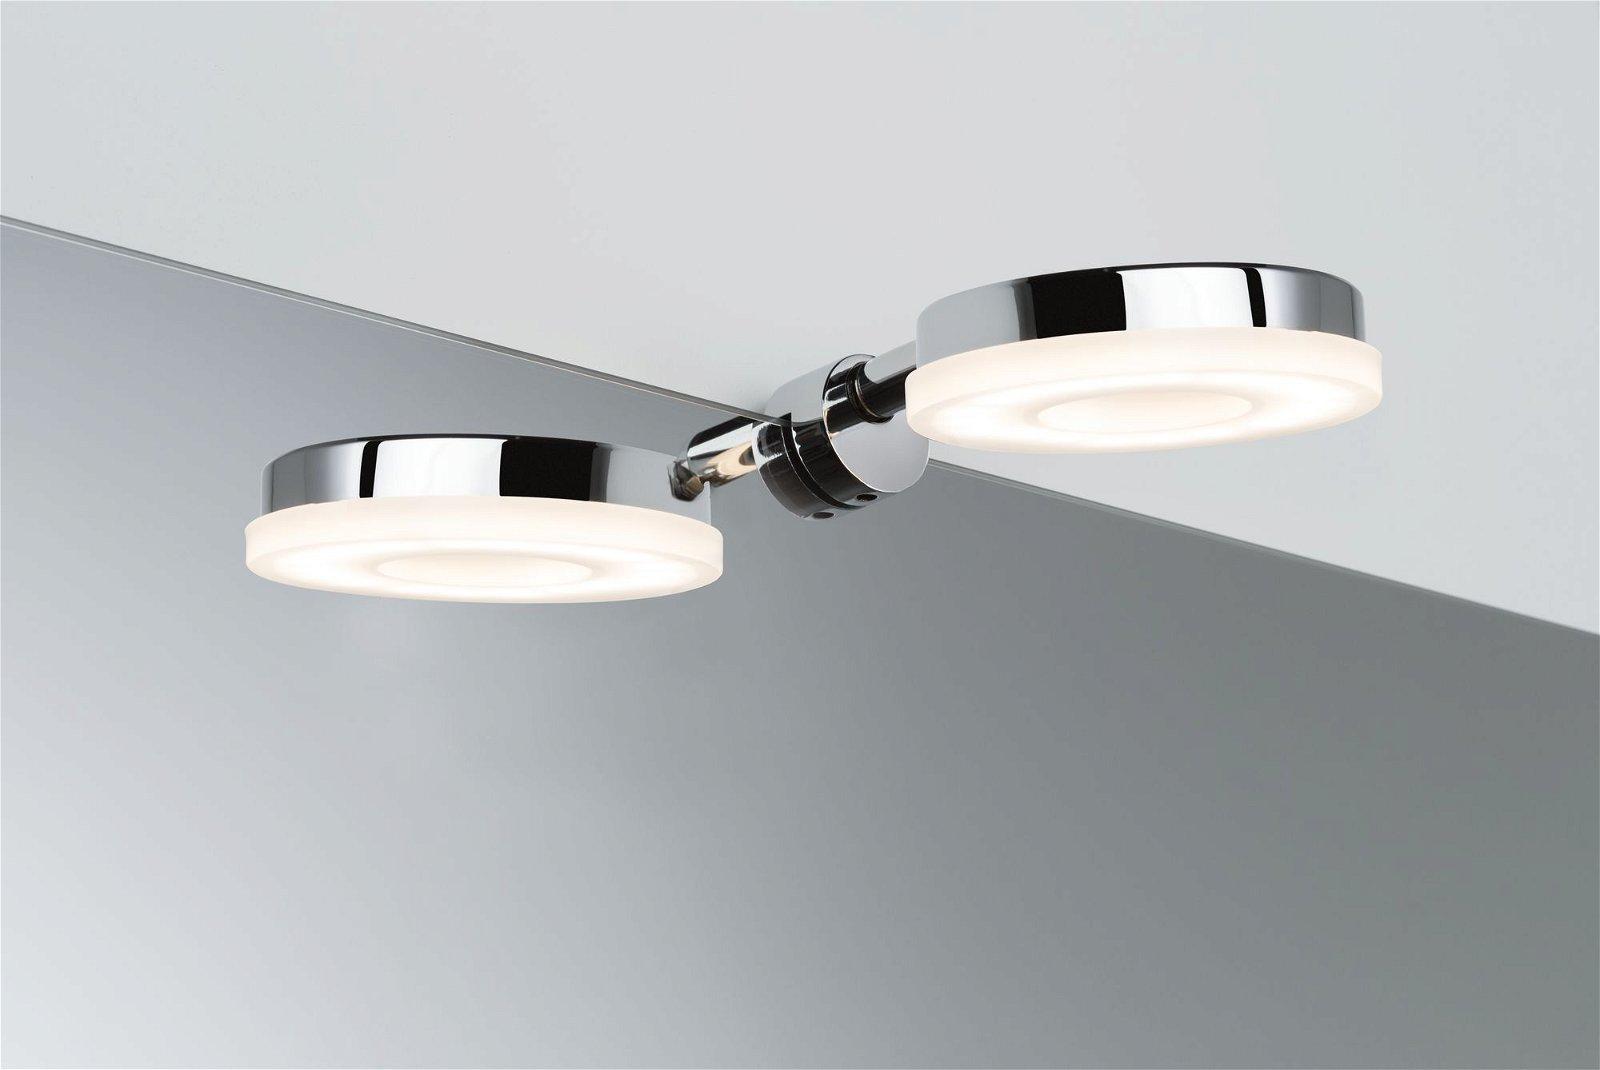 LED Spiegelleuchte Becrux 3000K 460lm 230V 4W Chrom